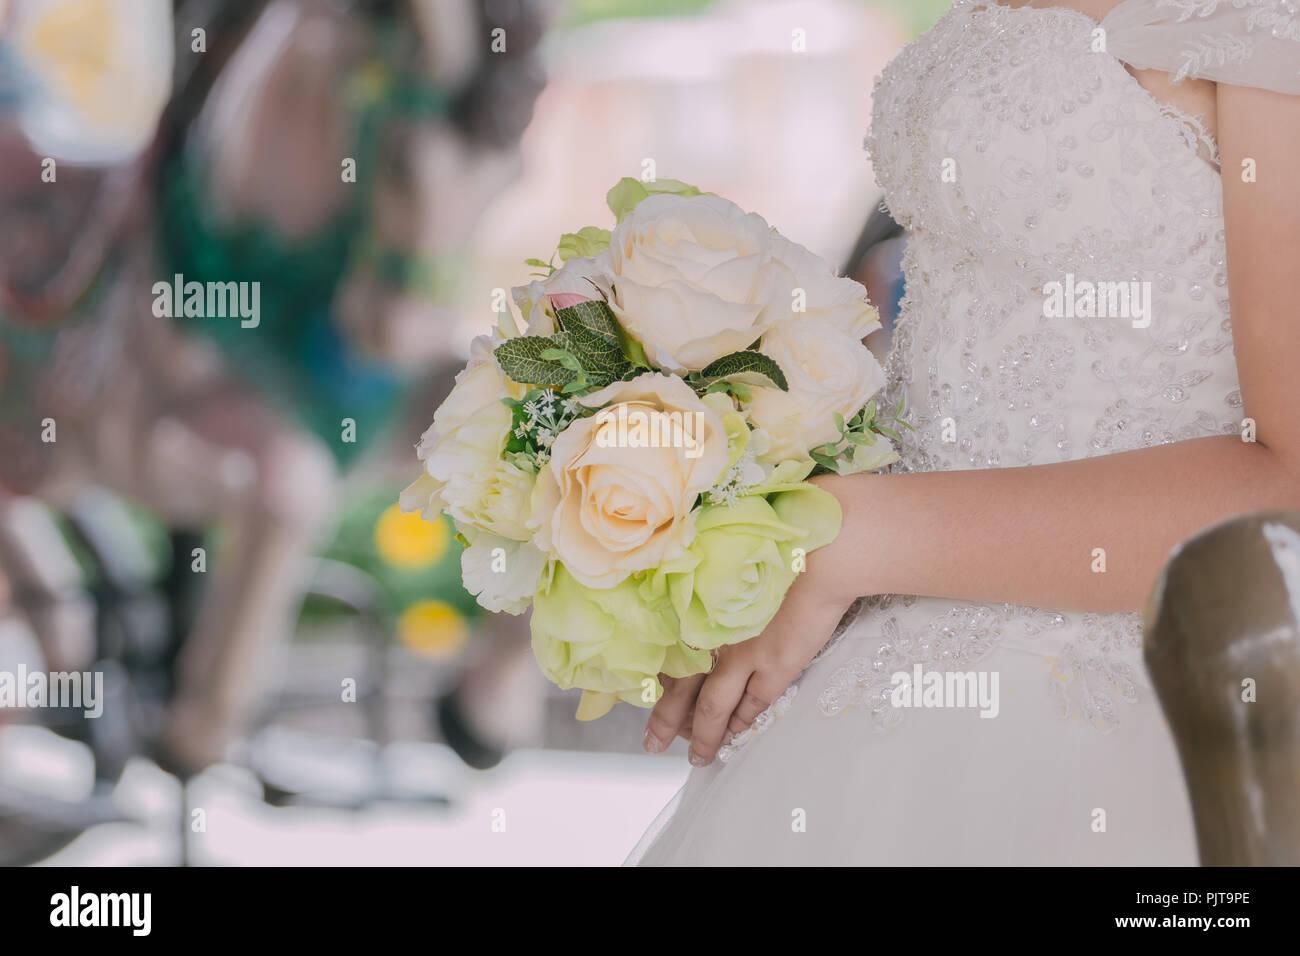 Die Braut Halt Einen Strauss Blumen Fur Die Hochzeit Farben Vintage